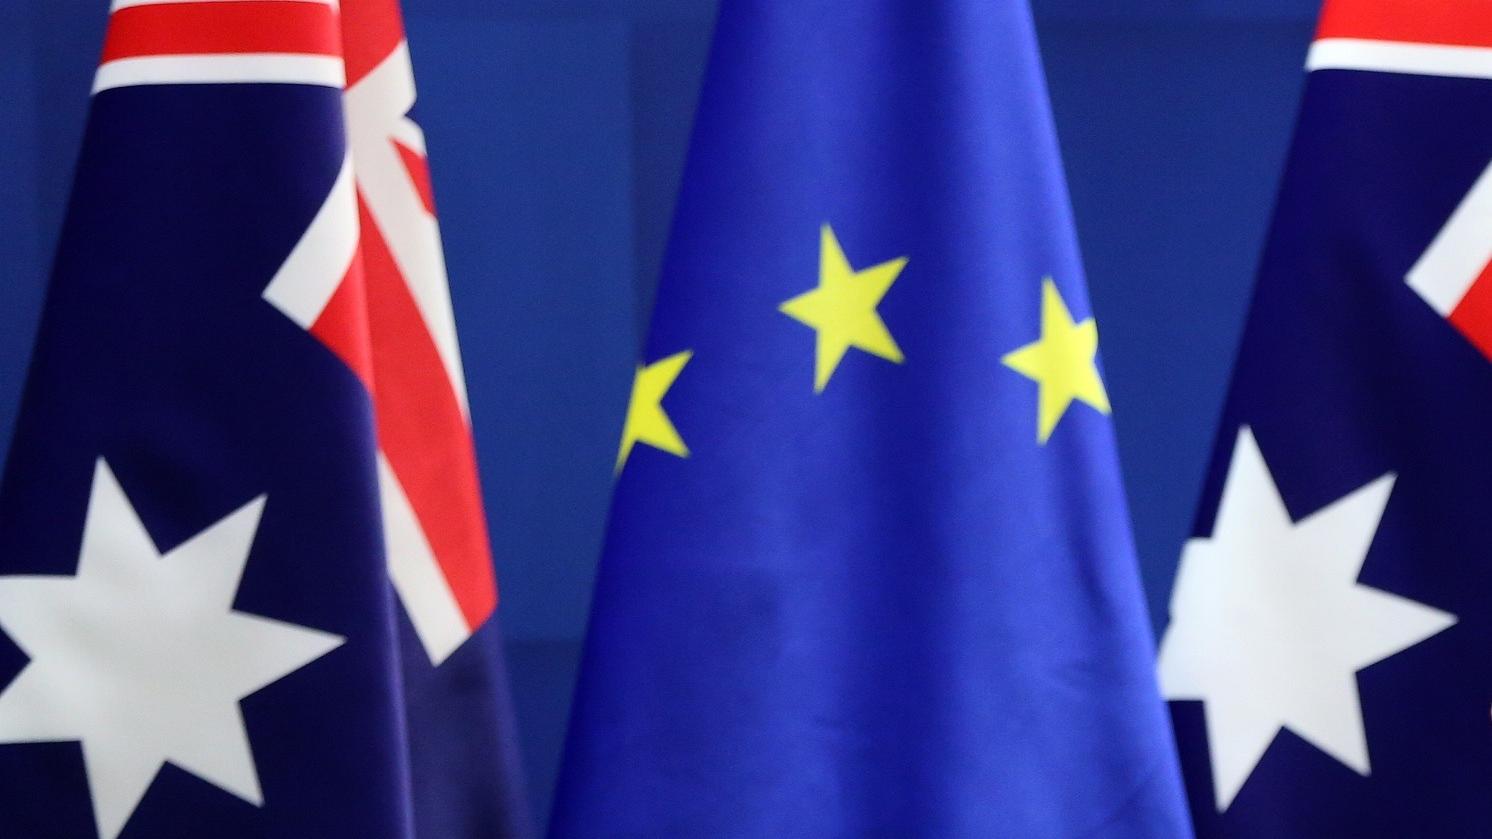 欧澳自贸协议生变数?欧盟官员:信任消失了